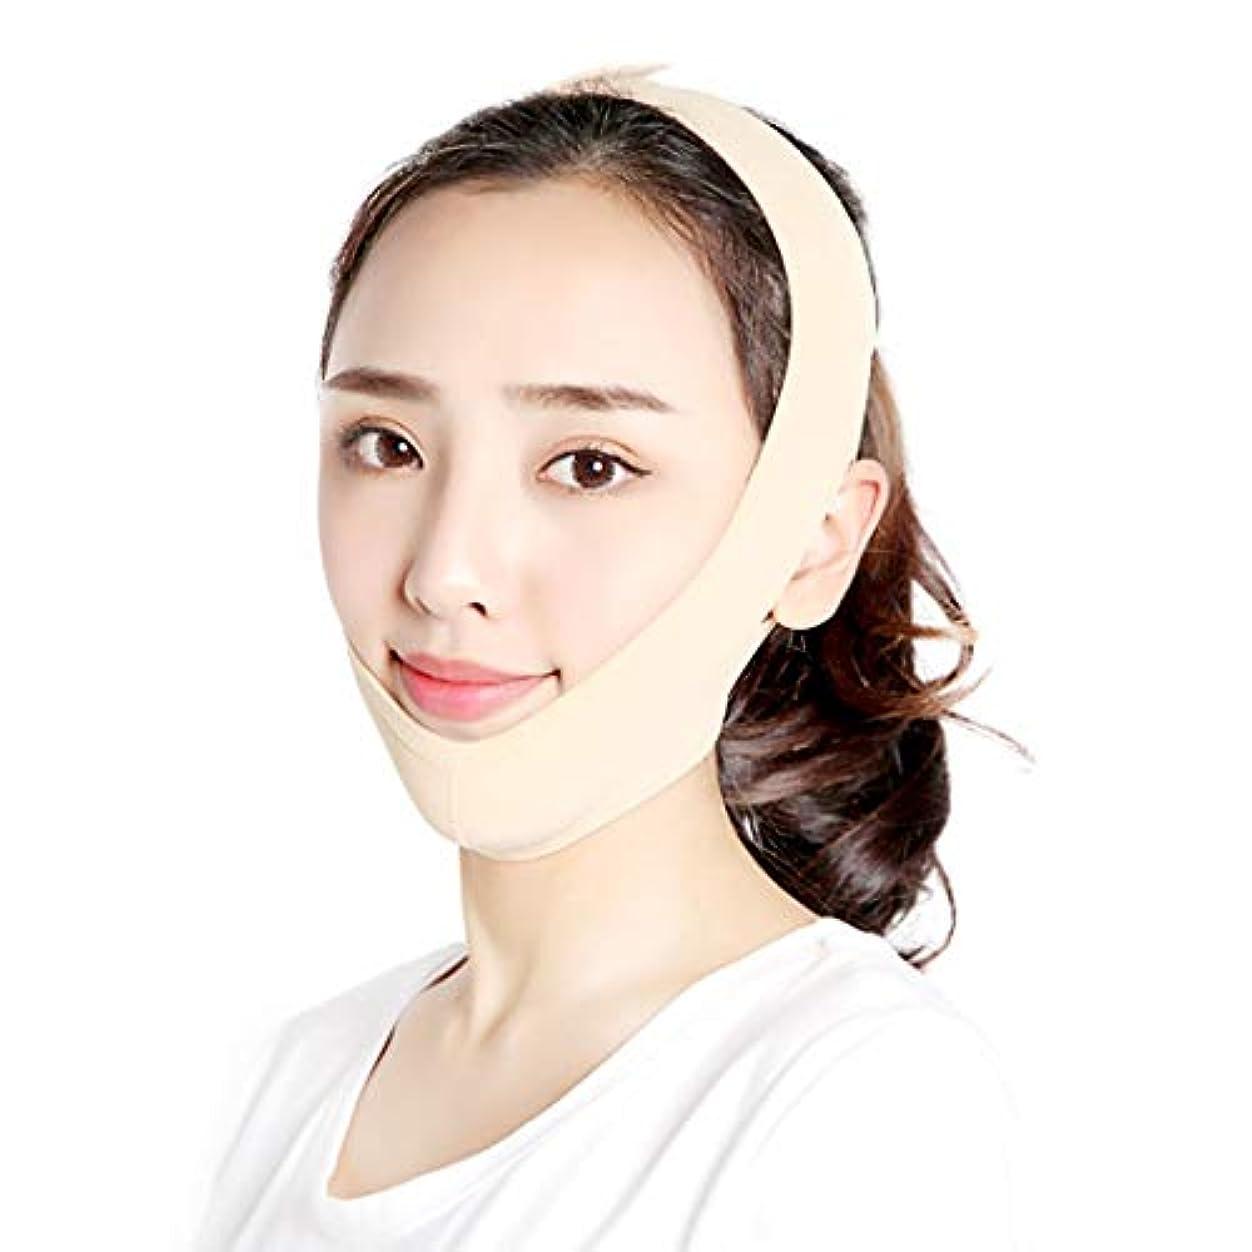 肺炎暖かく聞きますZWBD フェイスマスク, フェイスリフティング包帯V字型マスクヘッドギアフェイシャルリフティングシェイピングリフティング引き締め (Size : XL)